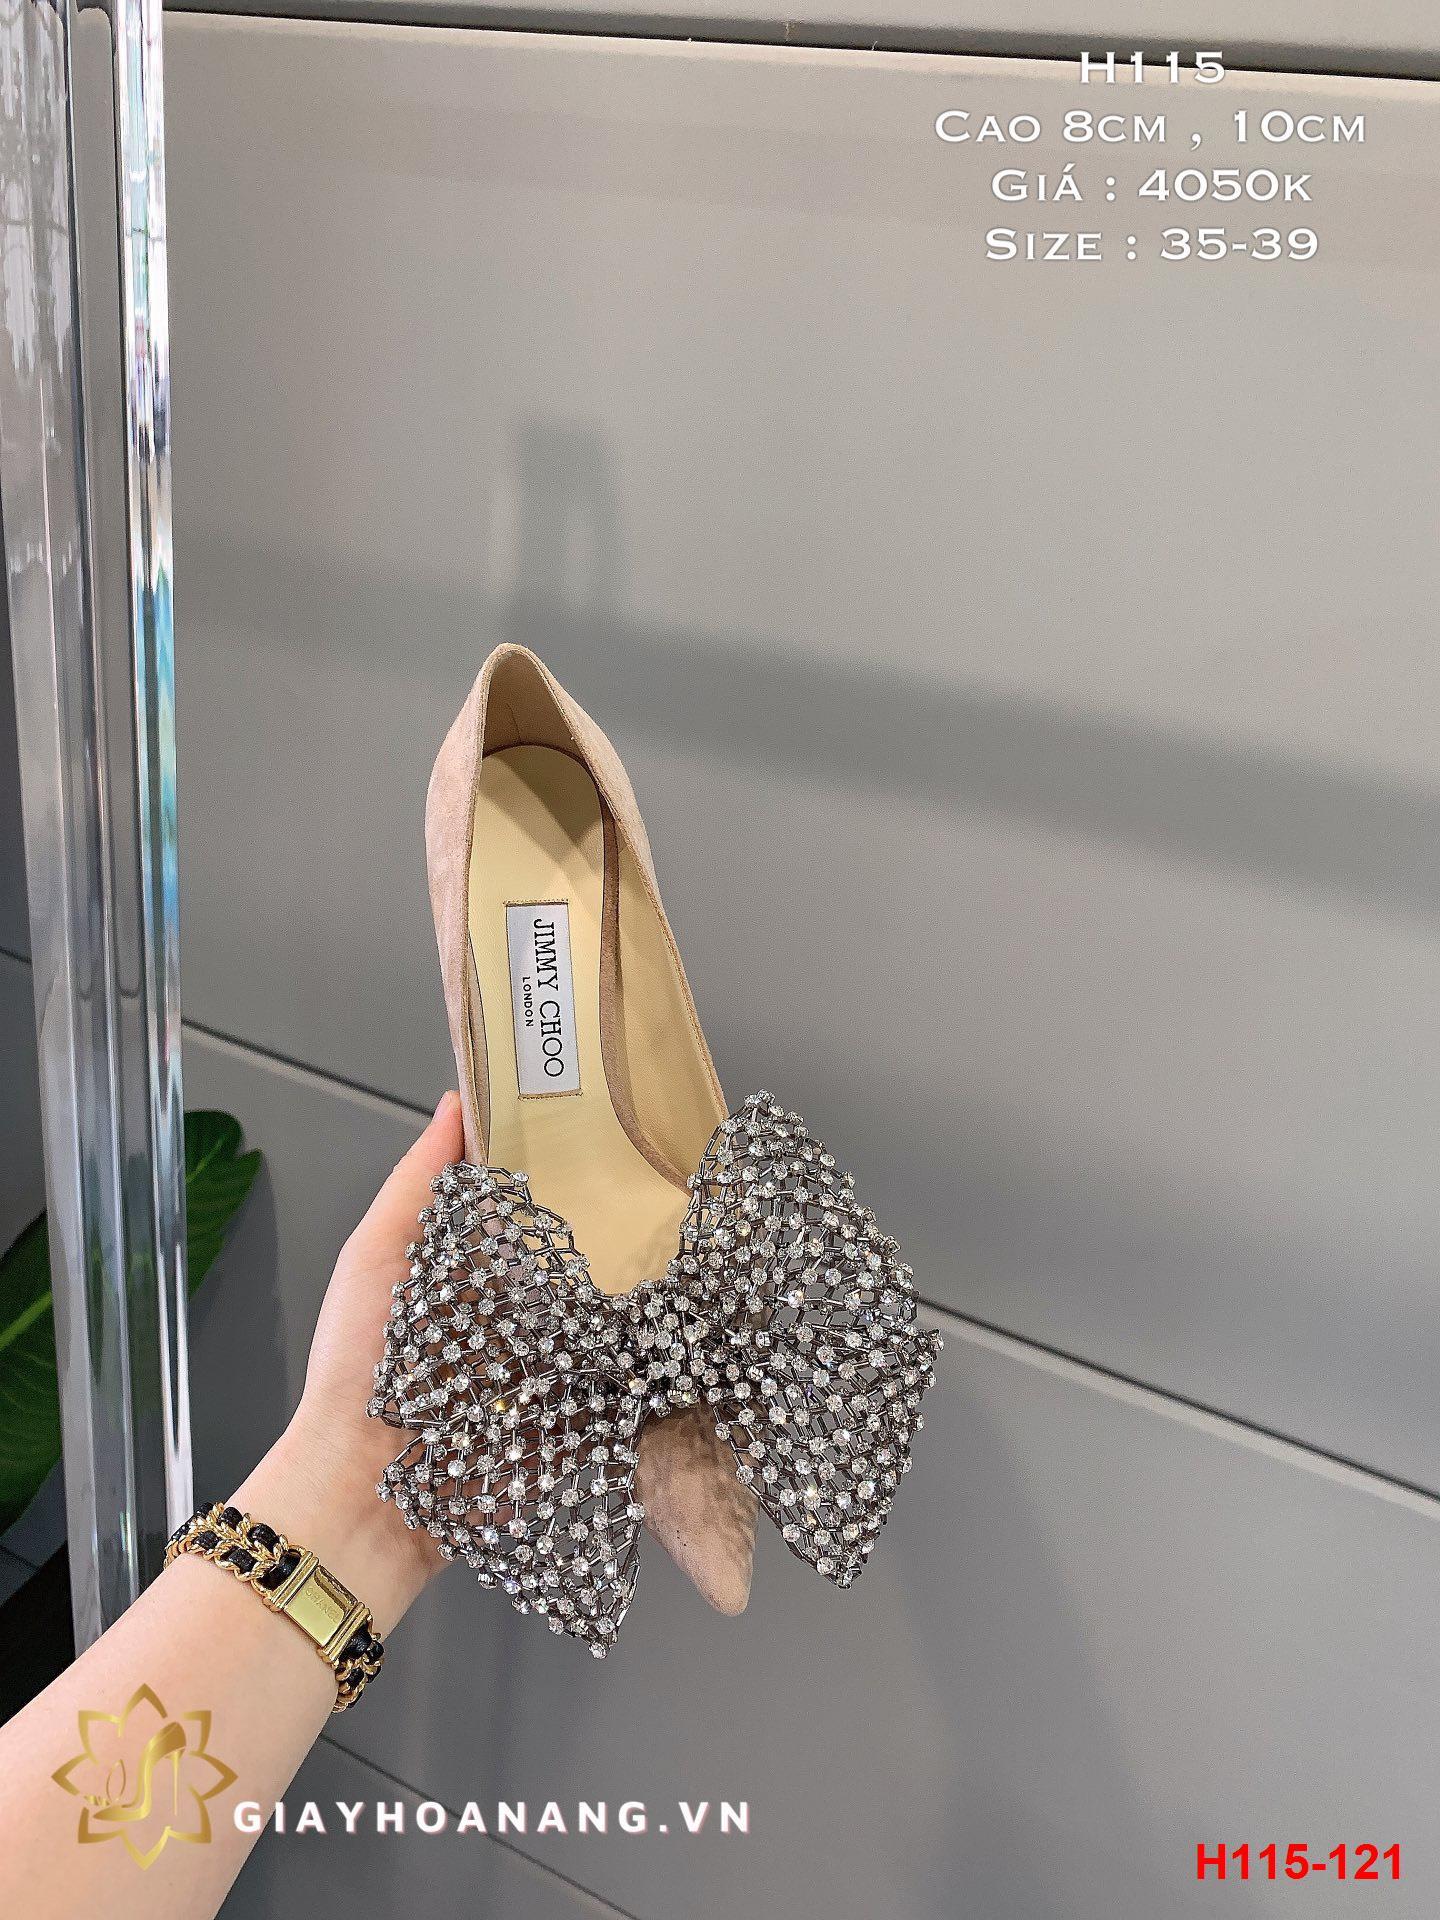 H115-121 Jimmy Choo giày cao 8cm , 10cm siêu cấp